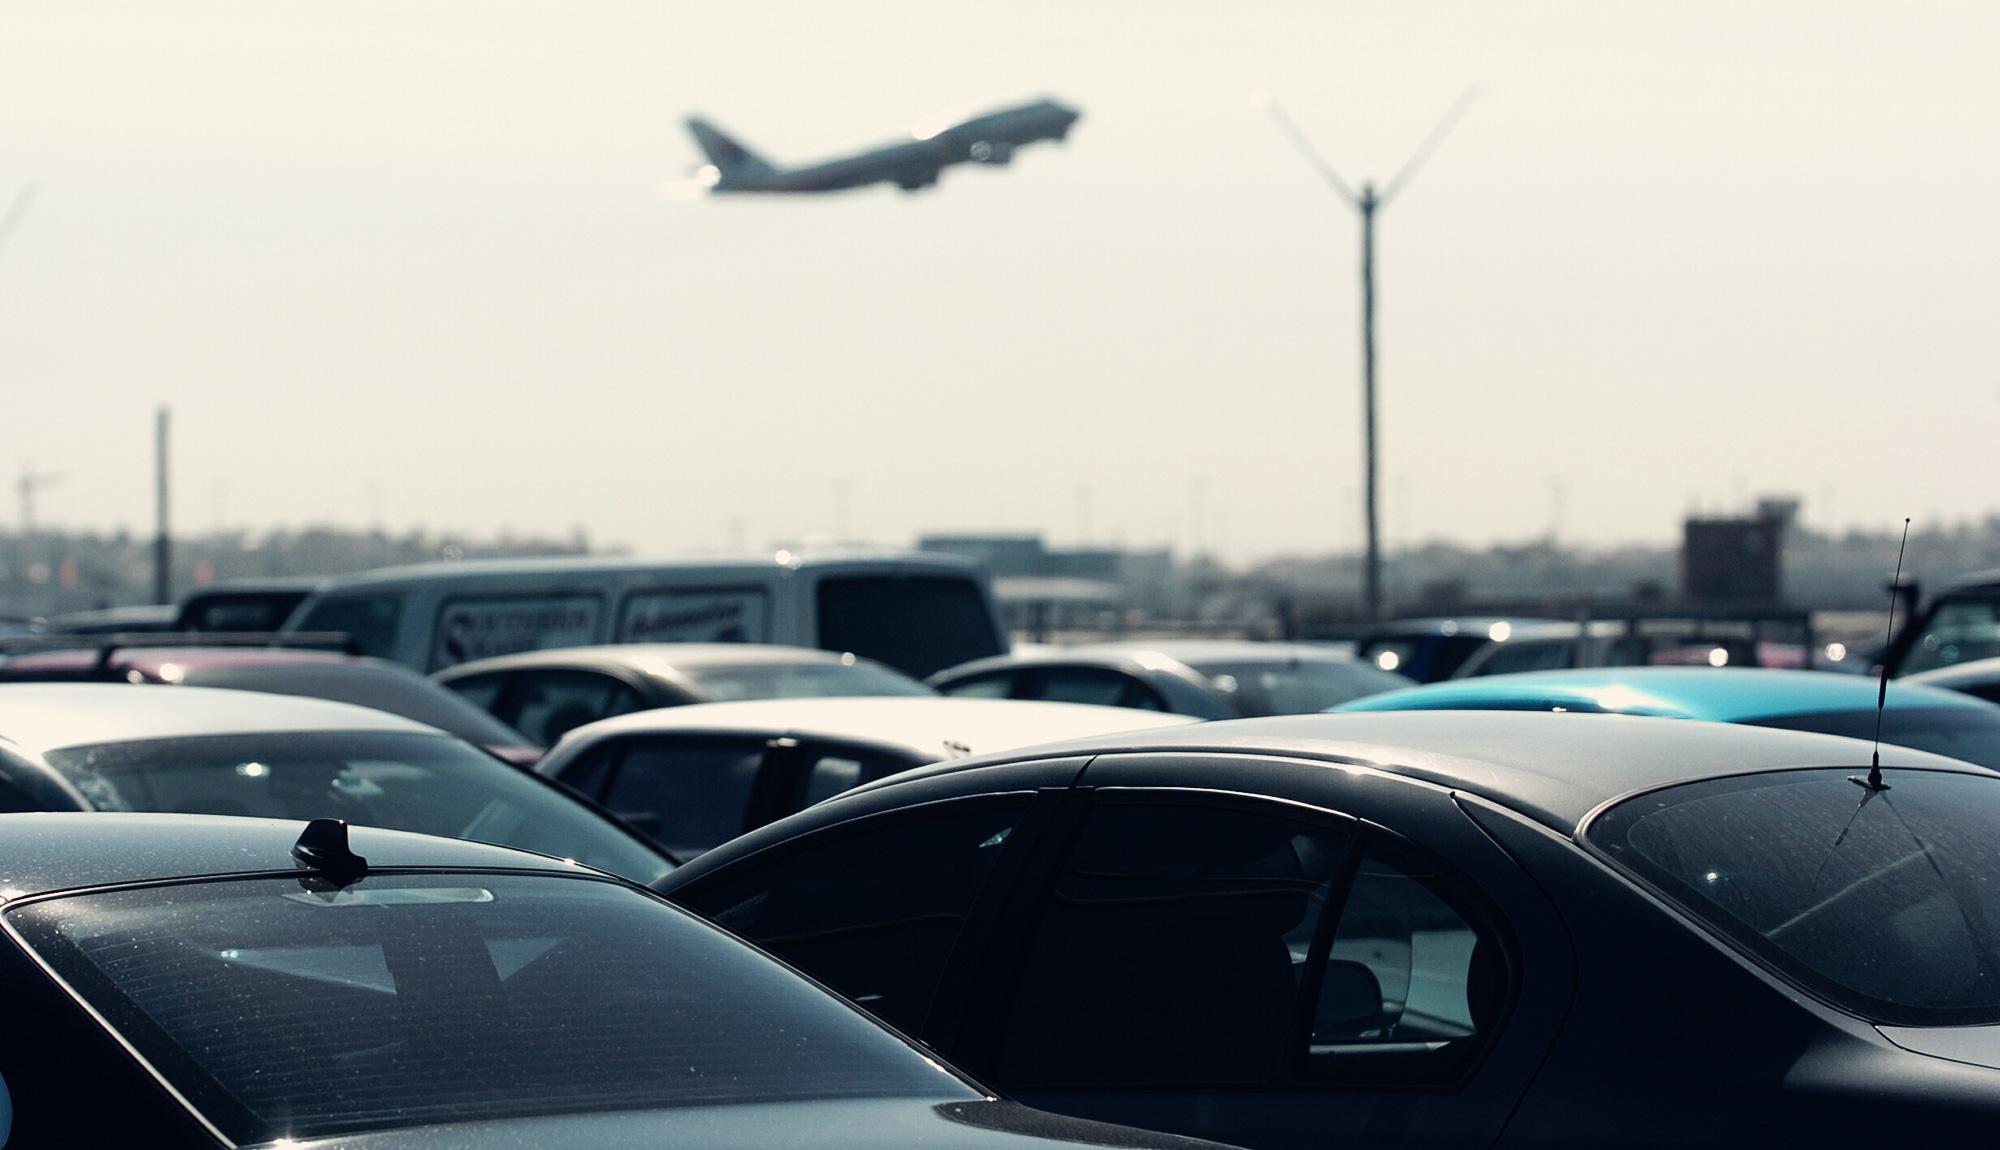 Tariffe sosta lunga Parcheggio Capodichino